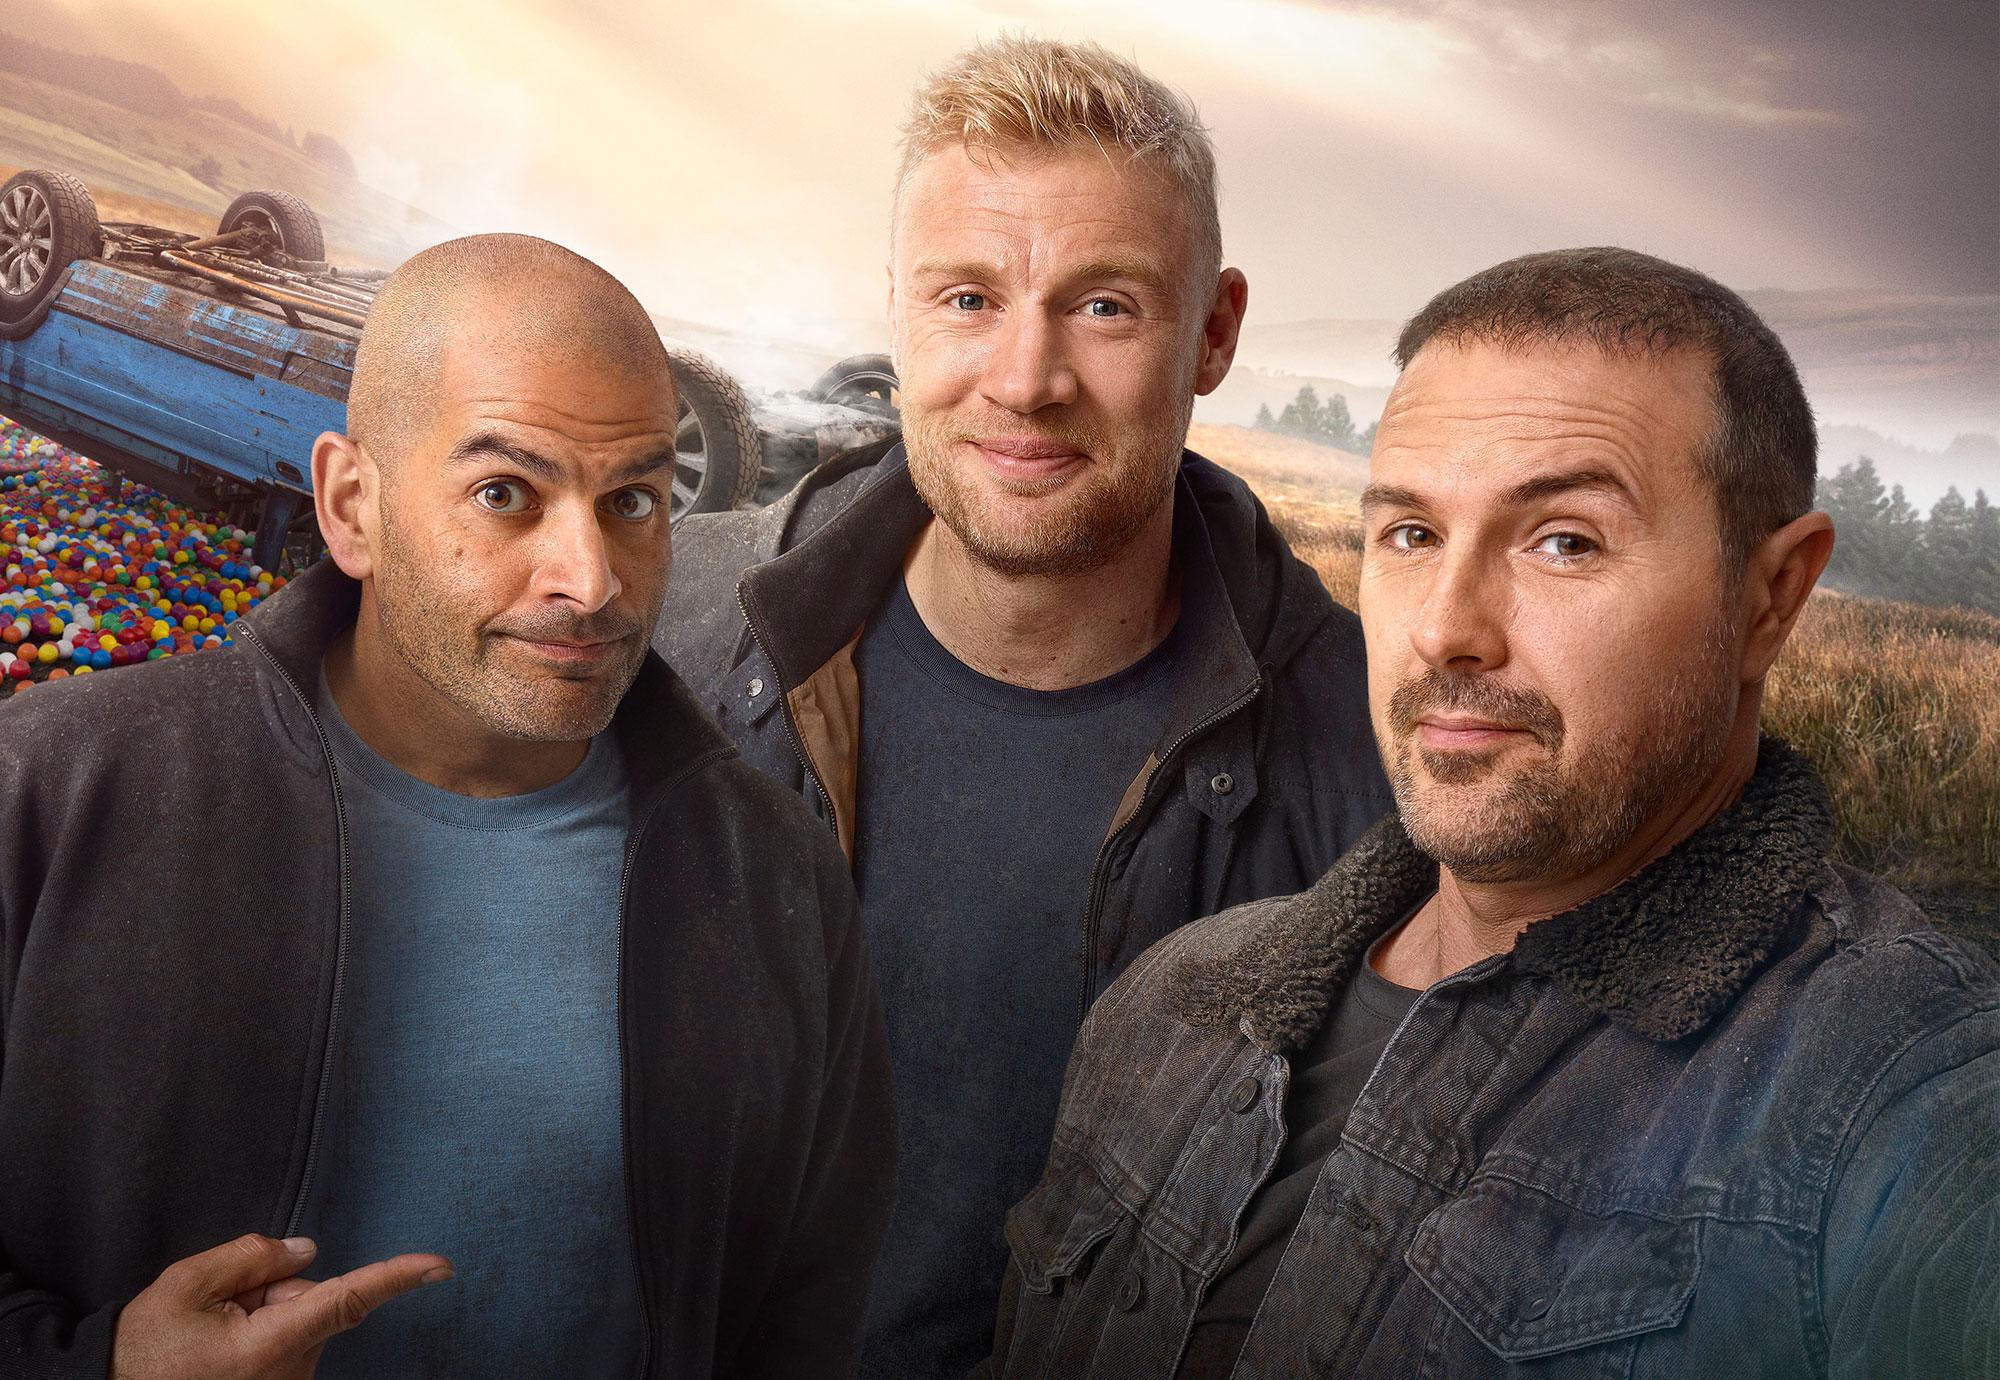 Chris Harris, Freddie Flintoff, Paddy McGuinness in <i>Top Gear</i>. (BBC)